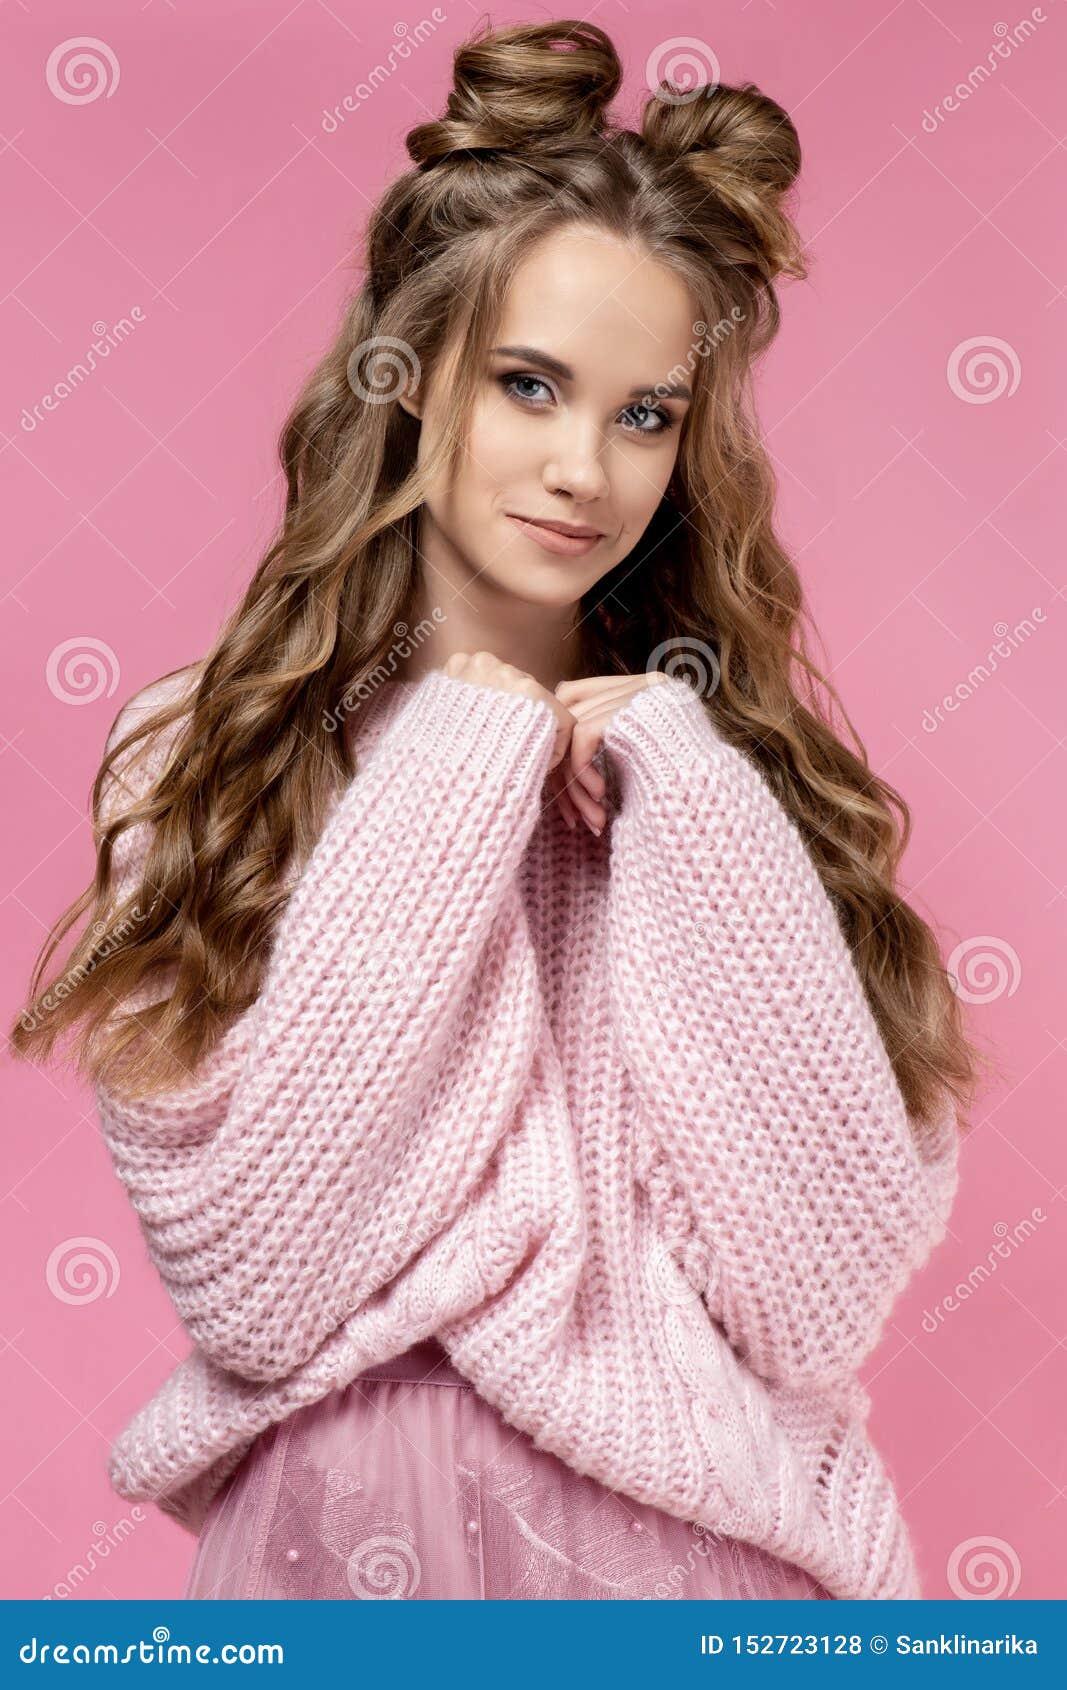 Vrij jong meisje in een roze sweater op een roze achtergrond met een kapsel en een krullend lang haar